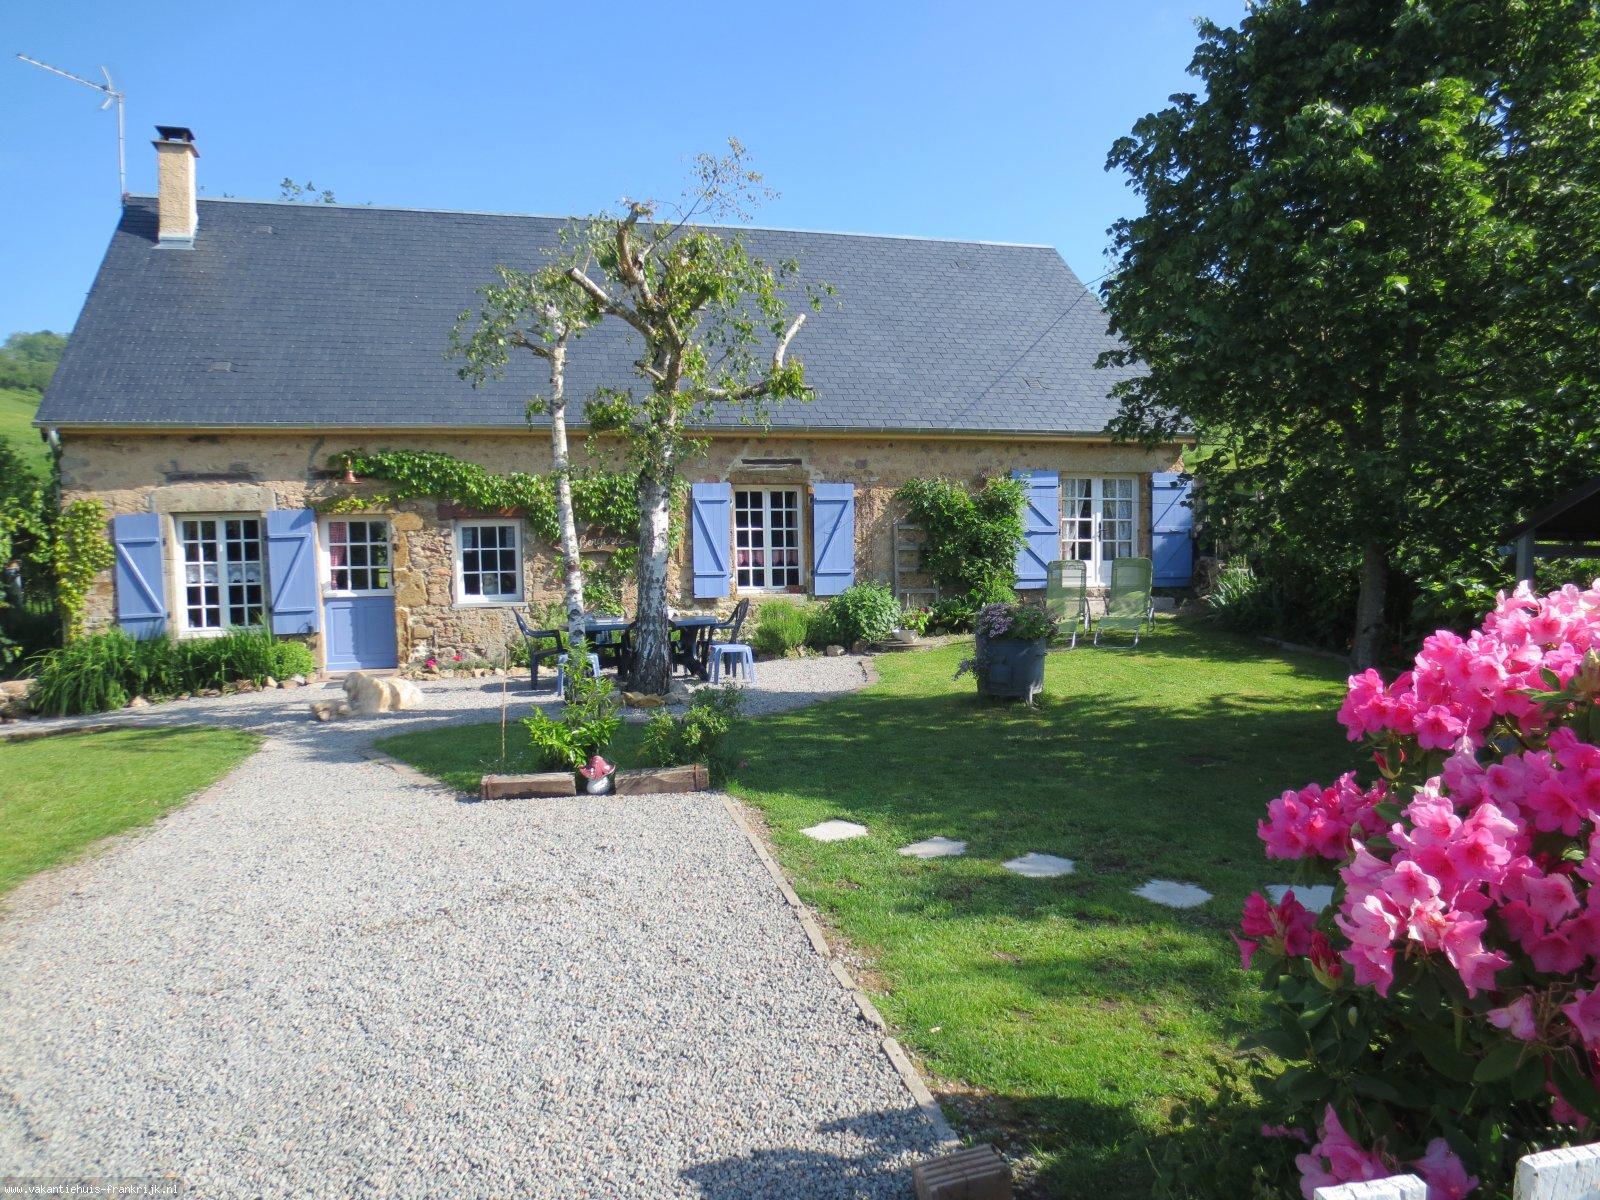 Vakantiehuis: Romantische, authentieke en heel gezellige cottage voor vakantie te huur per week.Vakantiehuis alleen gelegen midden Frankrijk.Grote omheinde tuin. te huur voor uw vakantie in Nievre (Frankrijk)